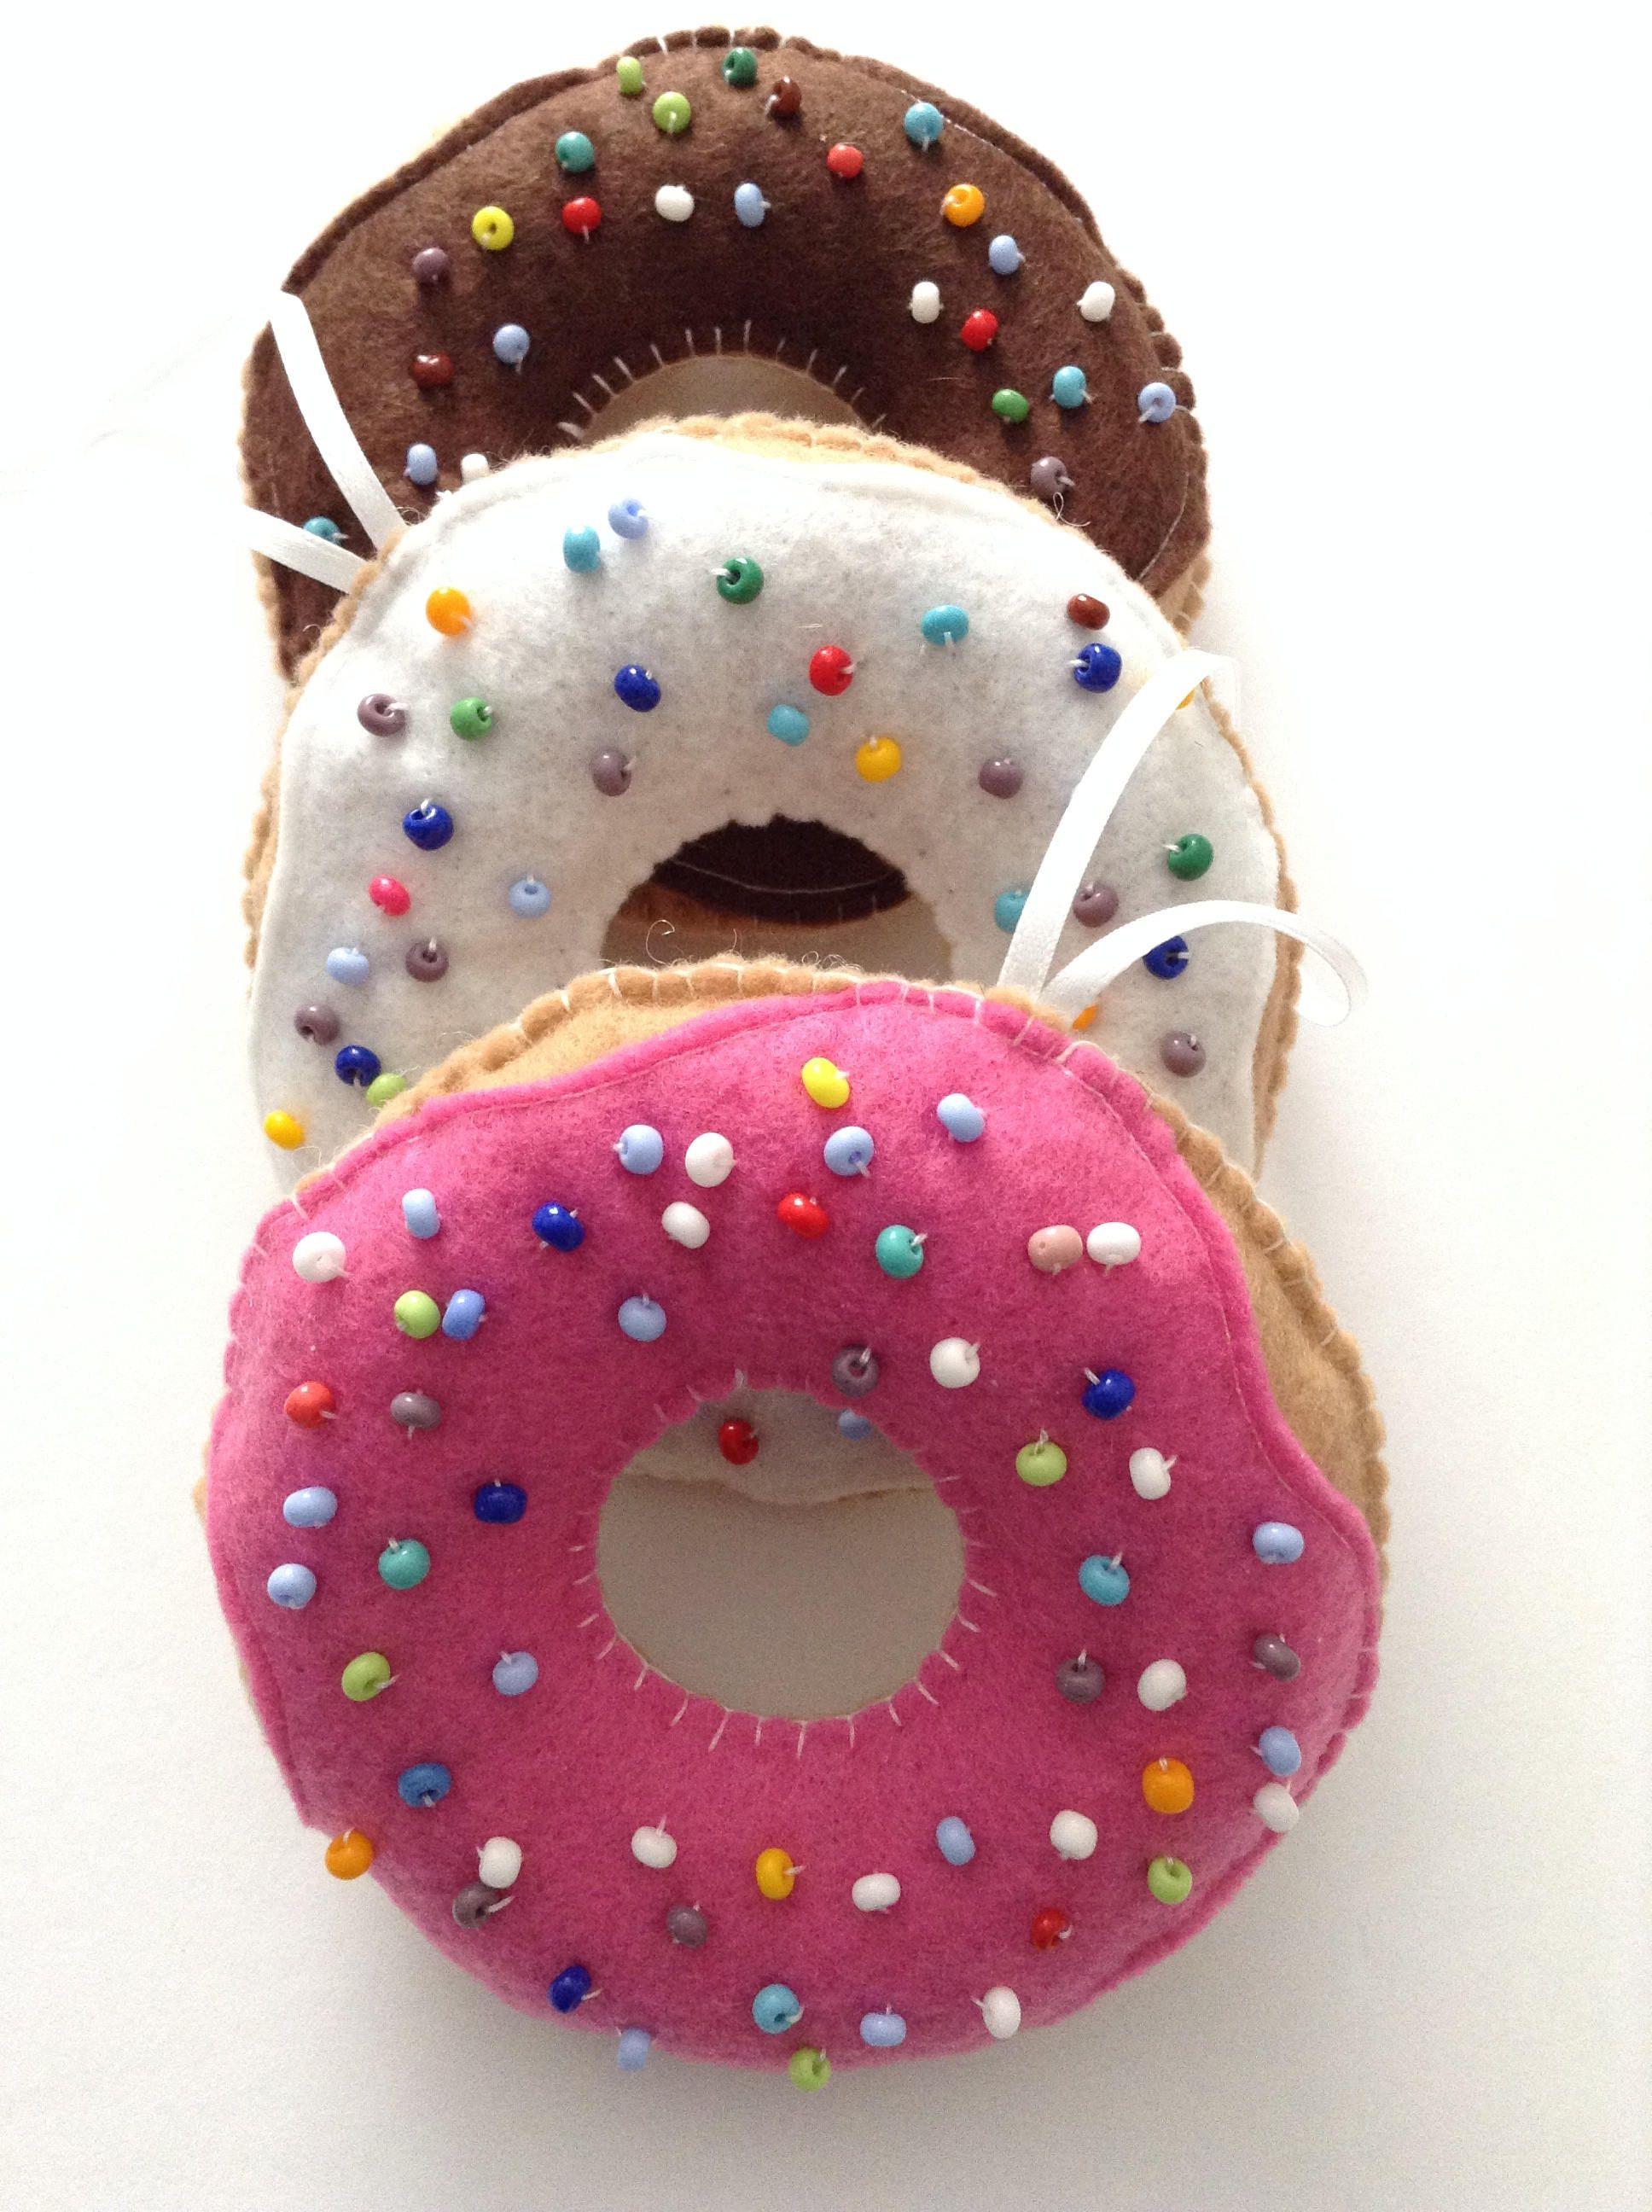 Donuts Felt Donuts Ornaments Set Of 3 Chocolate Vanilla Strawberry Handmade Do Handmade Felt Ornament Christmas Ornaments To Make Felt Donut Ornament